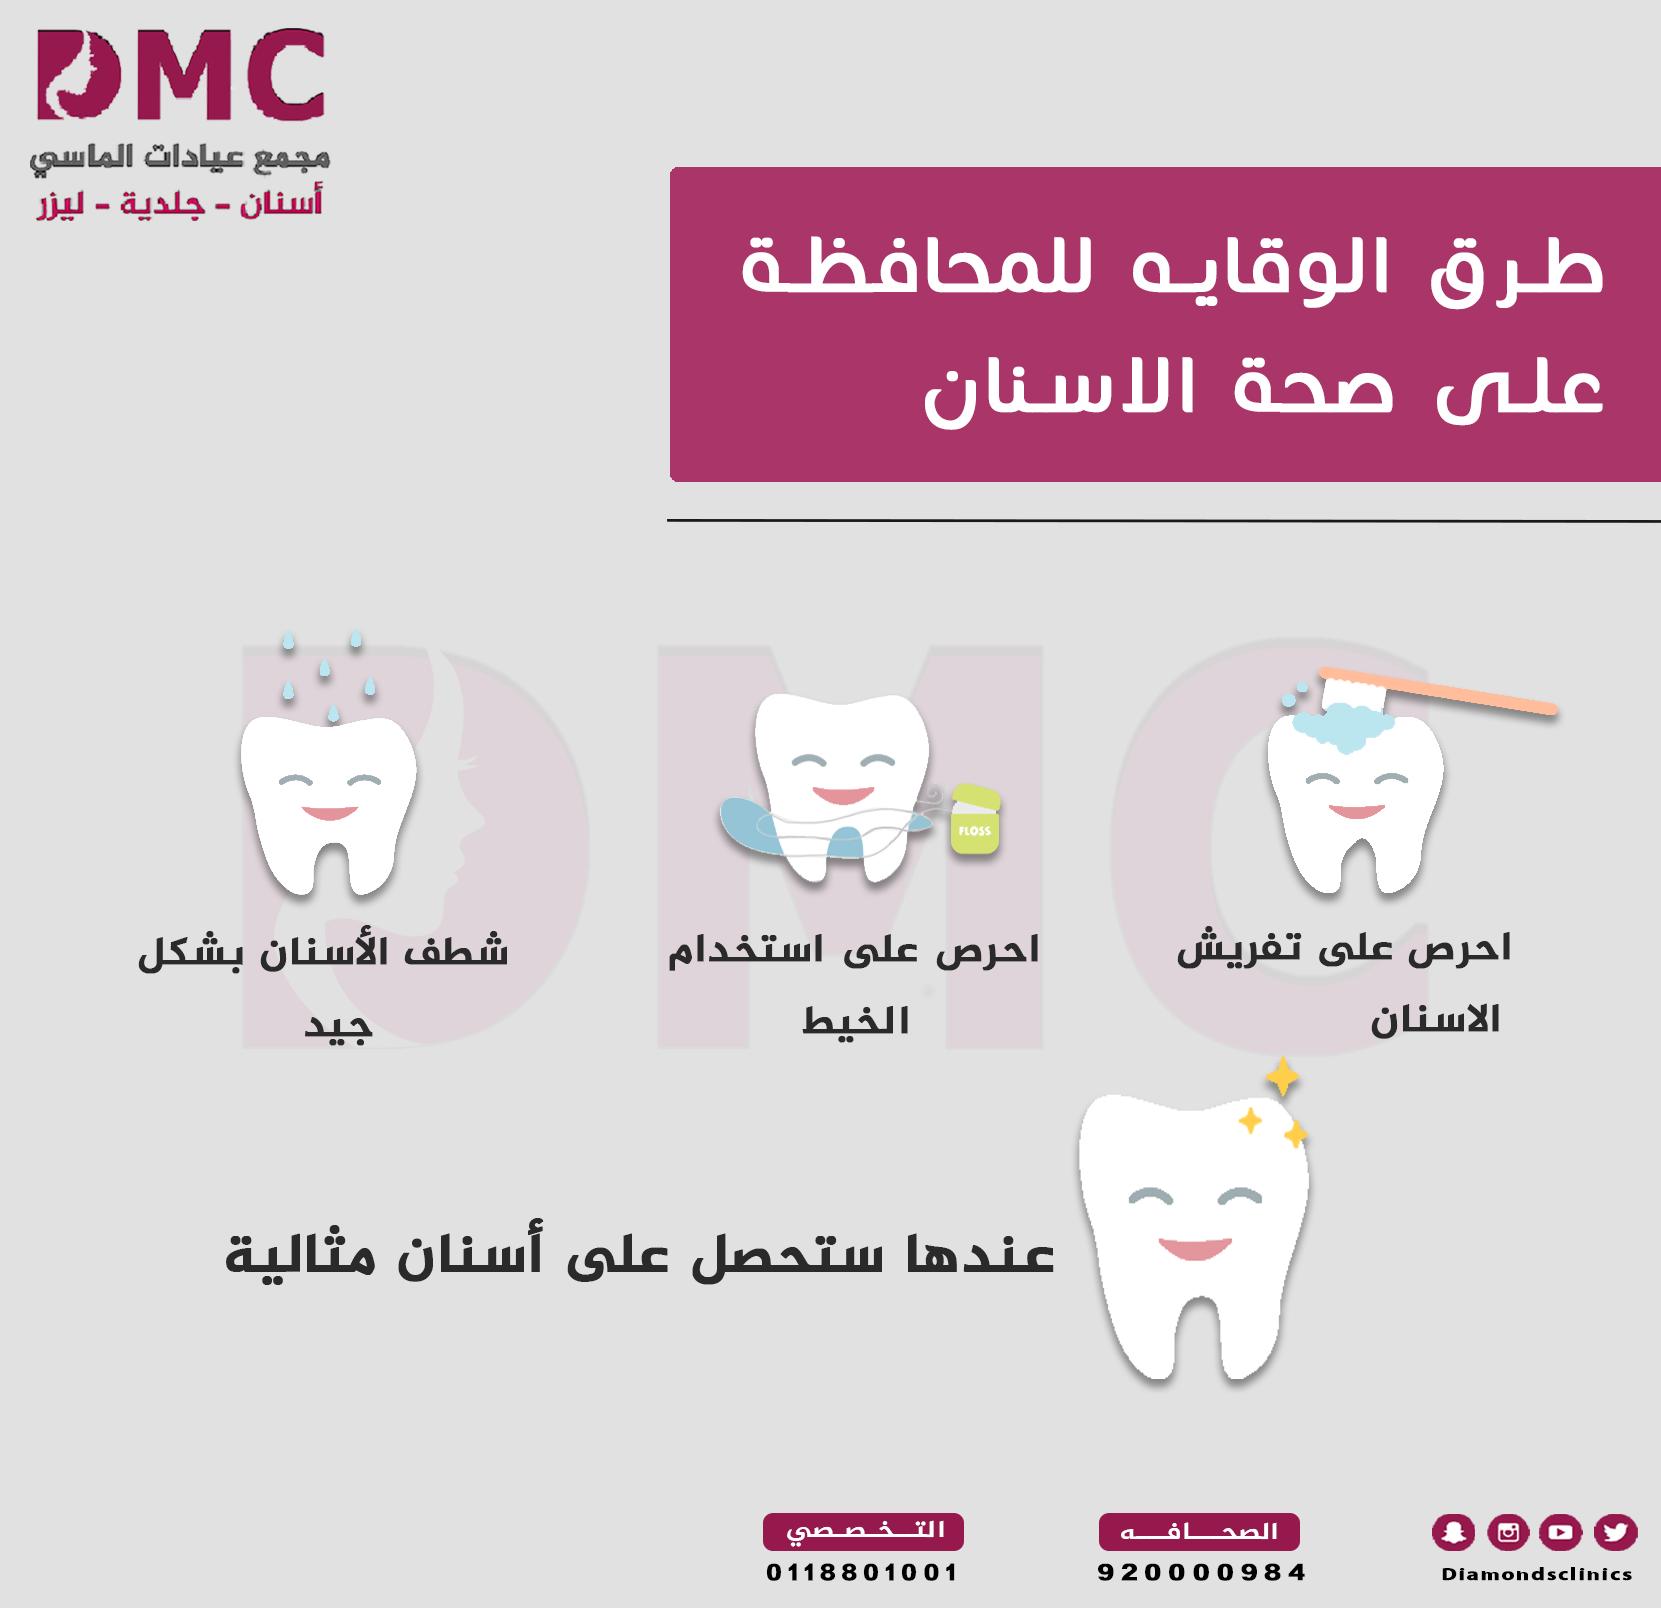 اسنان أفضل لصحة أفضل طرق الوقاية للمحافظة على صحة الاسنان مجمع عيادات الماسي أسنان جلدية لي Family Guy Books Comics